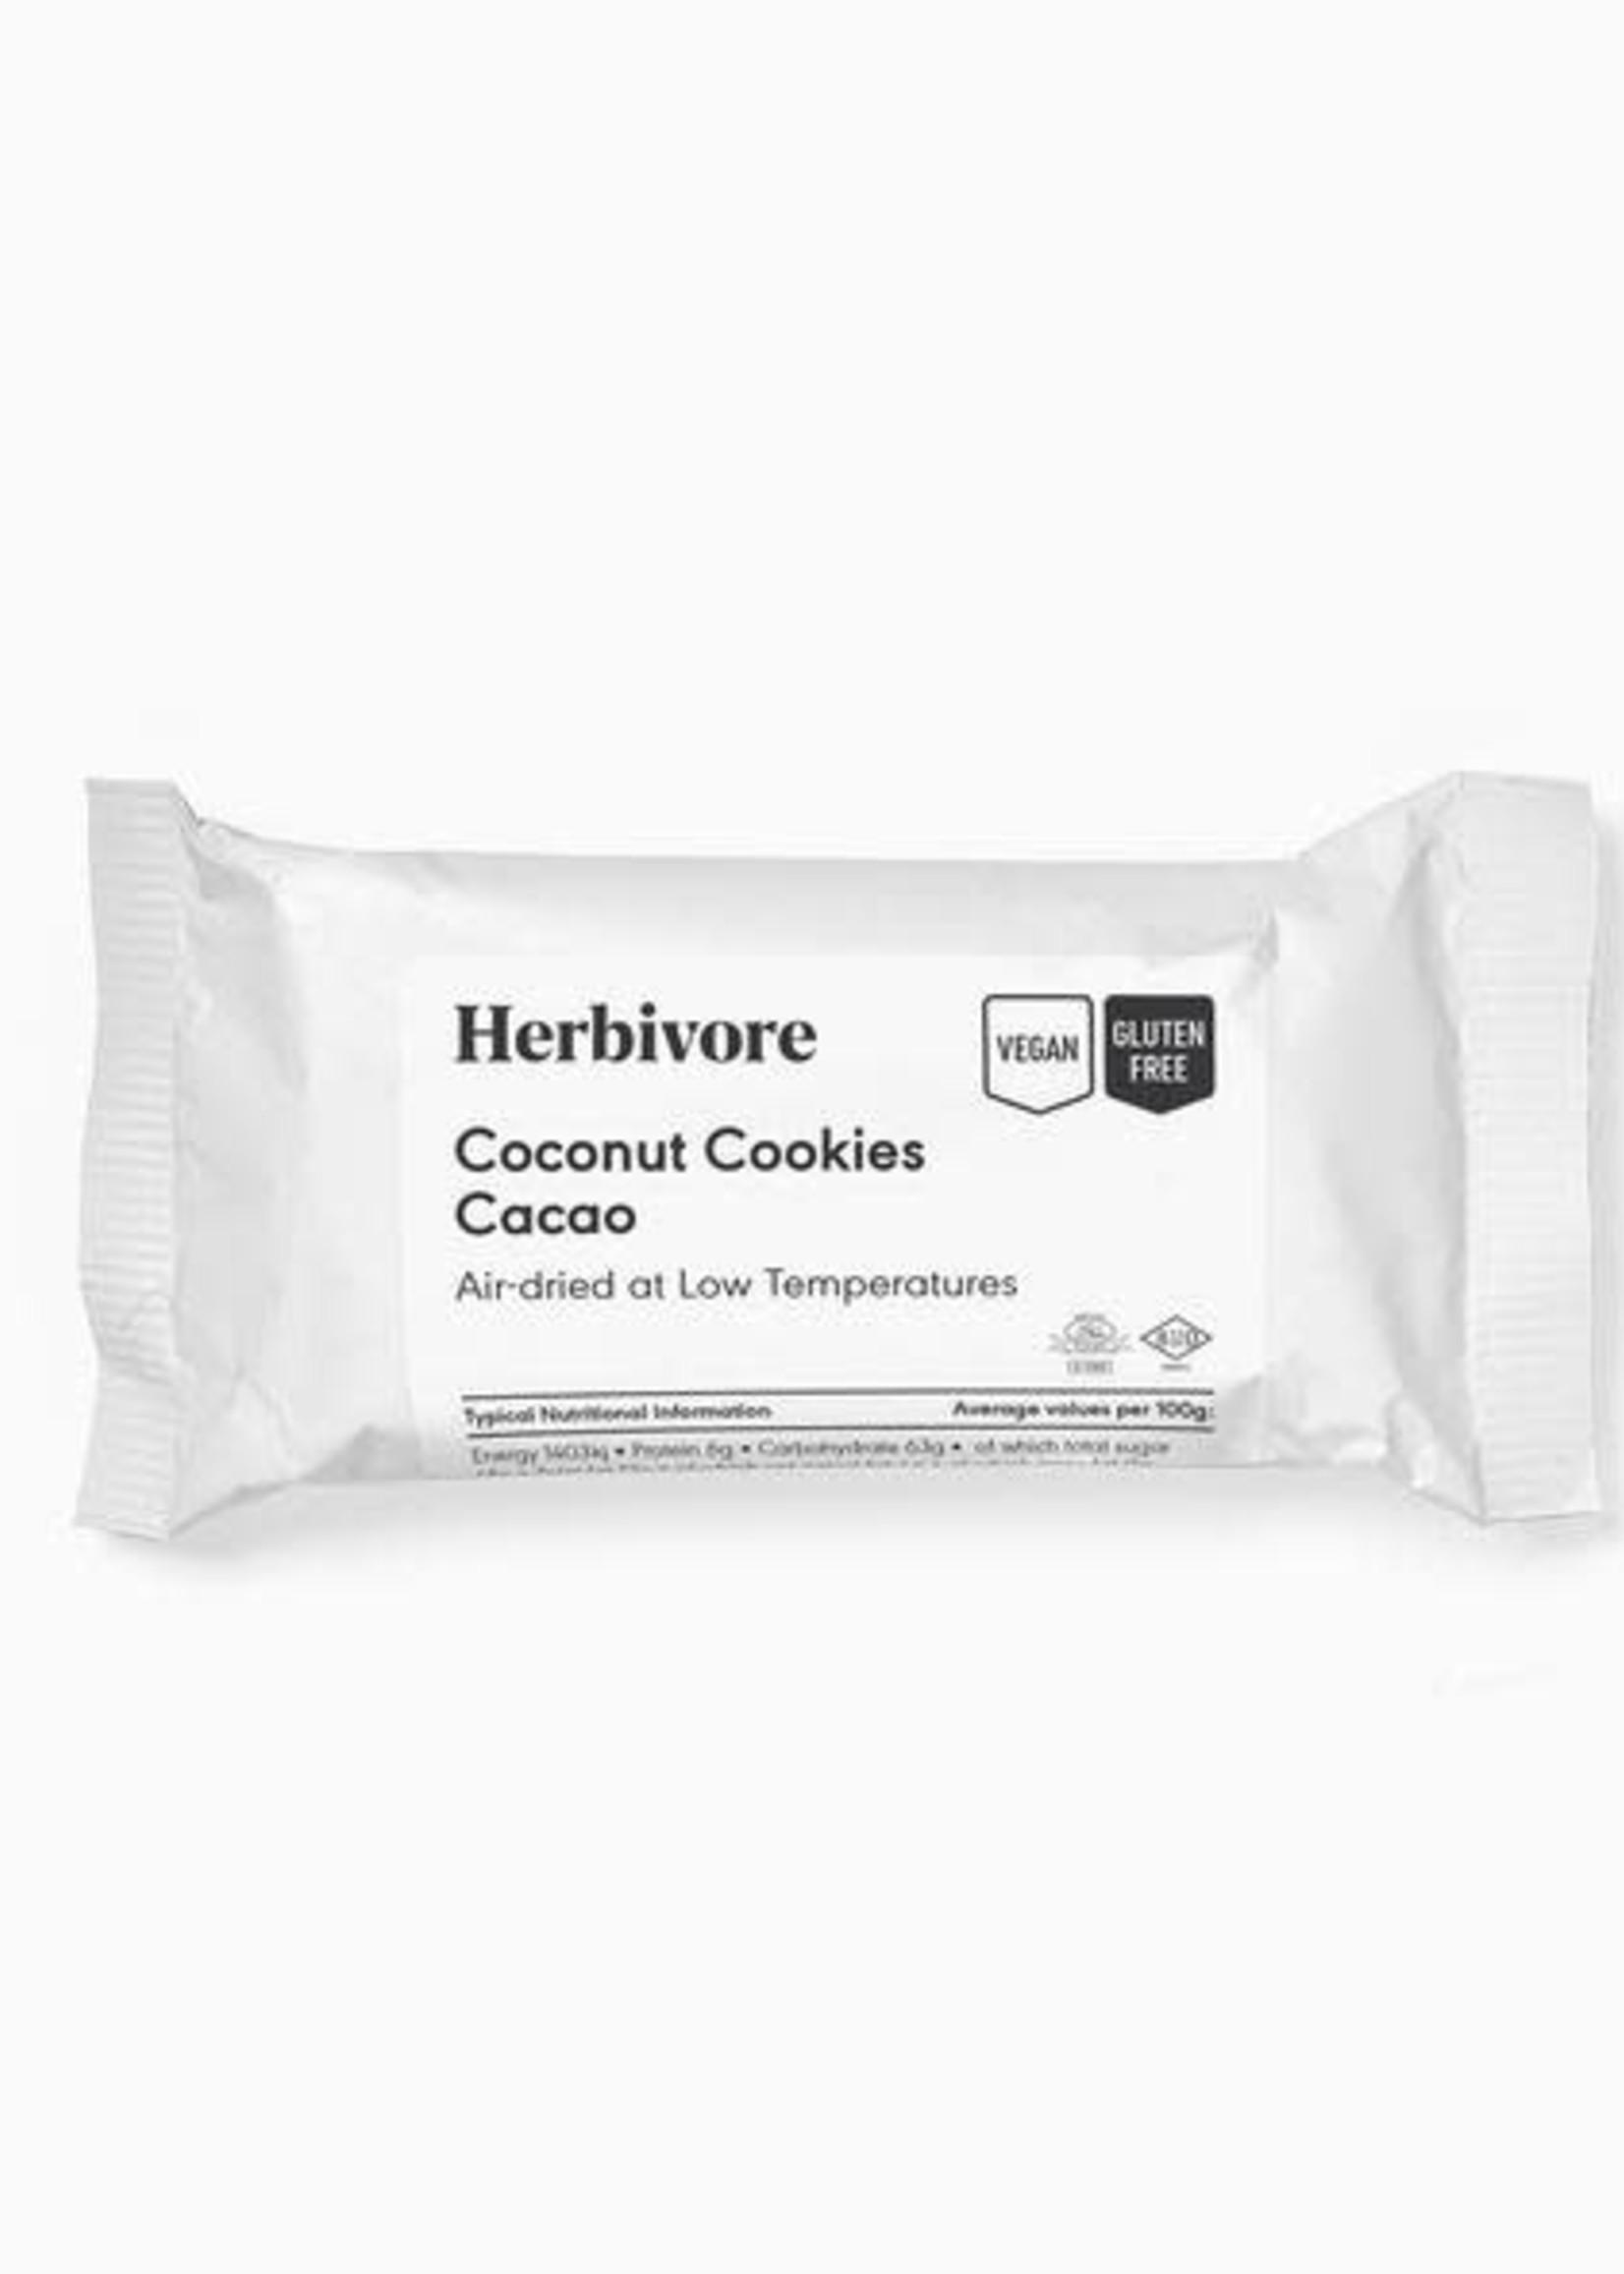 Herbivore - Coconut Cookies chocolate